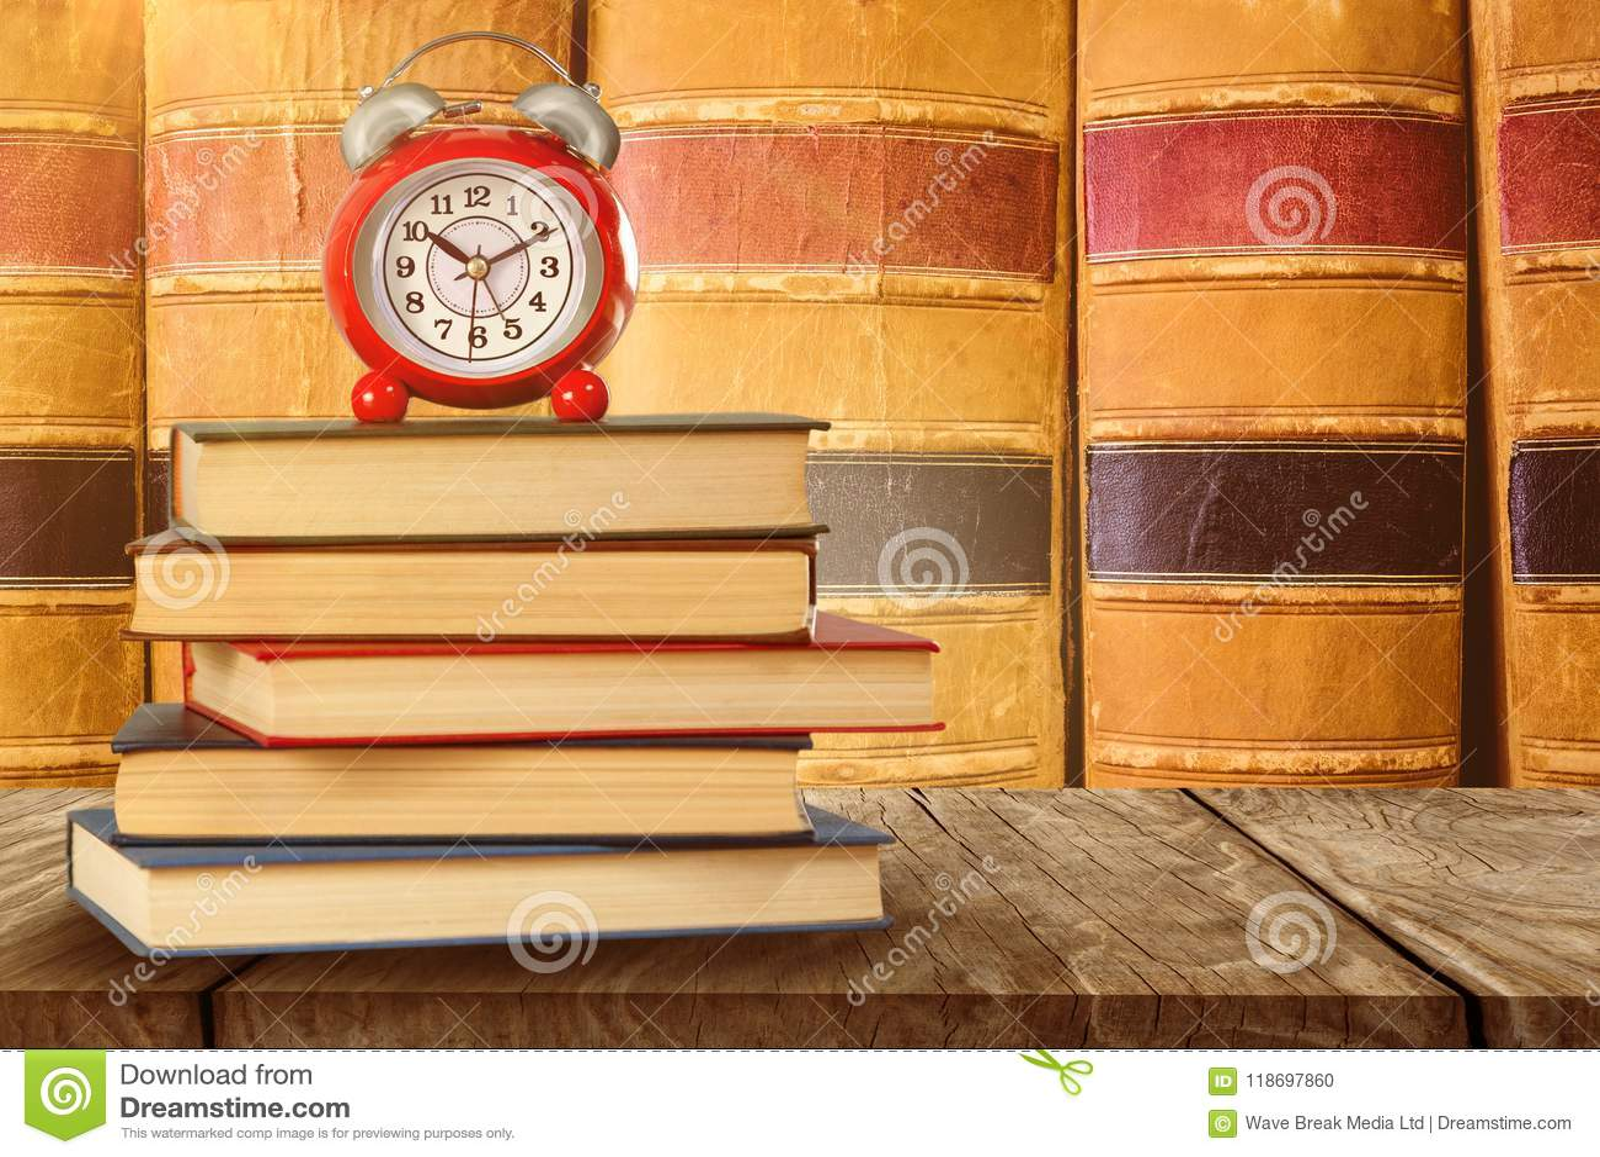 Immagine composita di vecchie sveglia e pila di libri